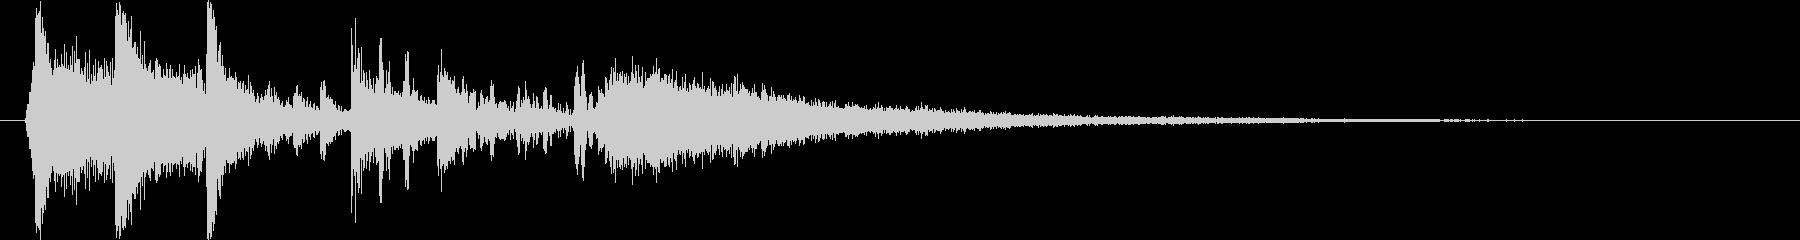 ドラムトリップタンブルアンドクラッ...の未再生の波形